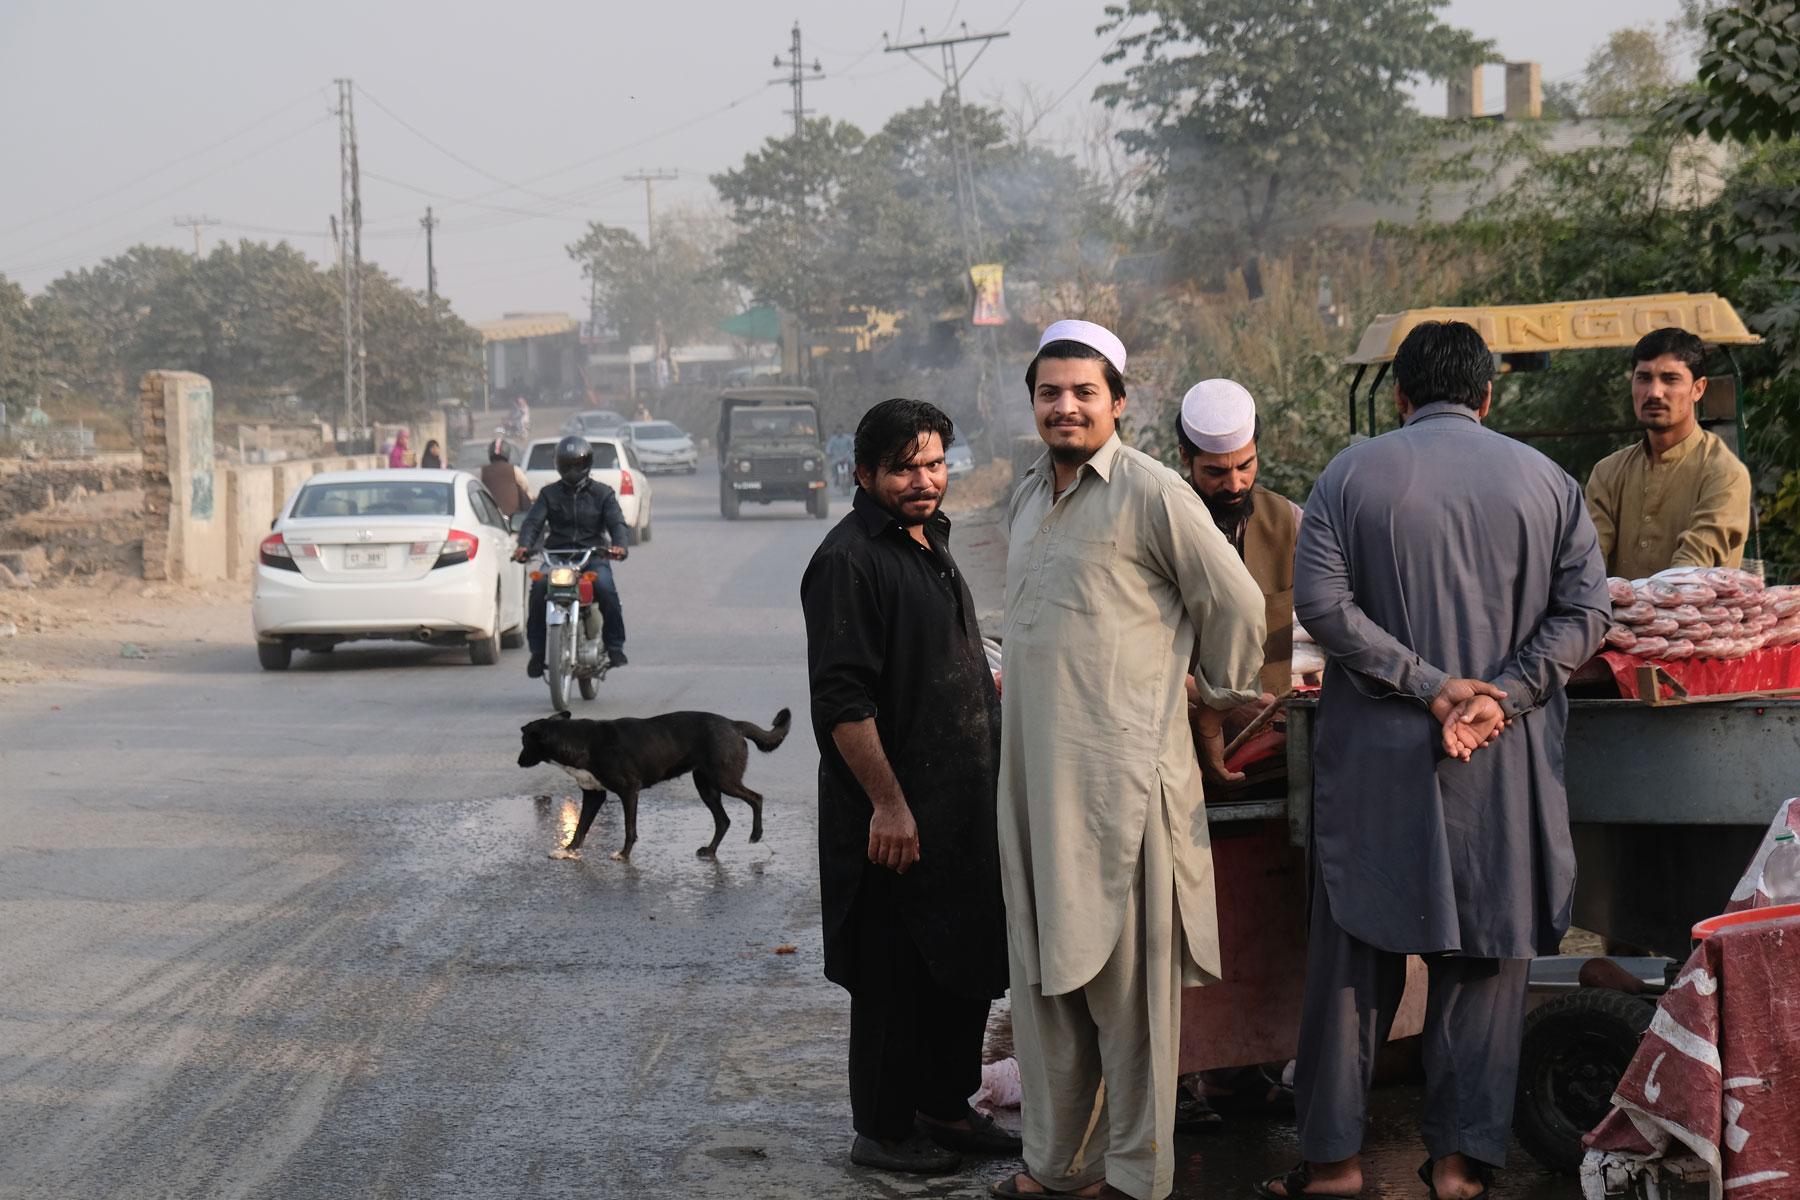 Männer an einem Straßenstand in Rawalpindi.